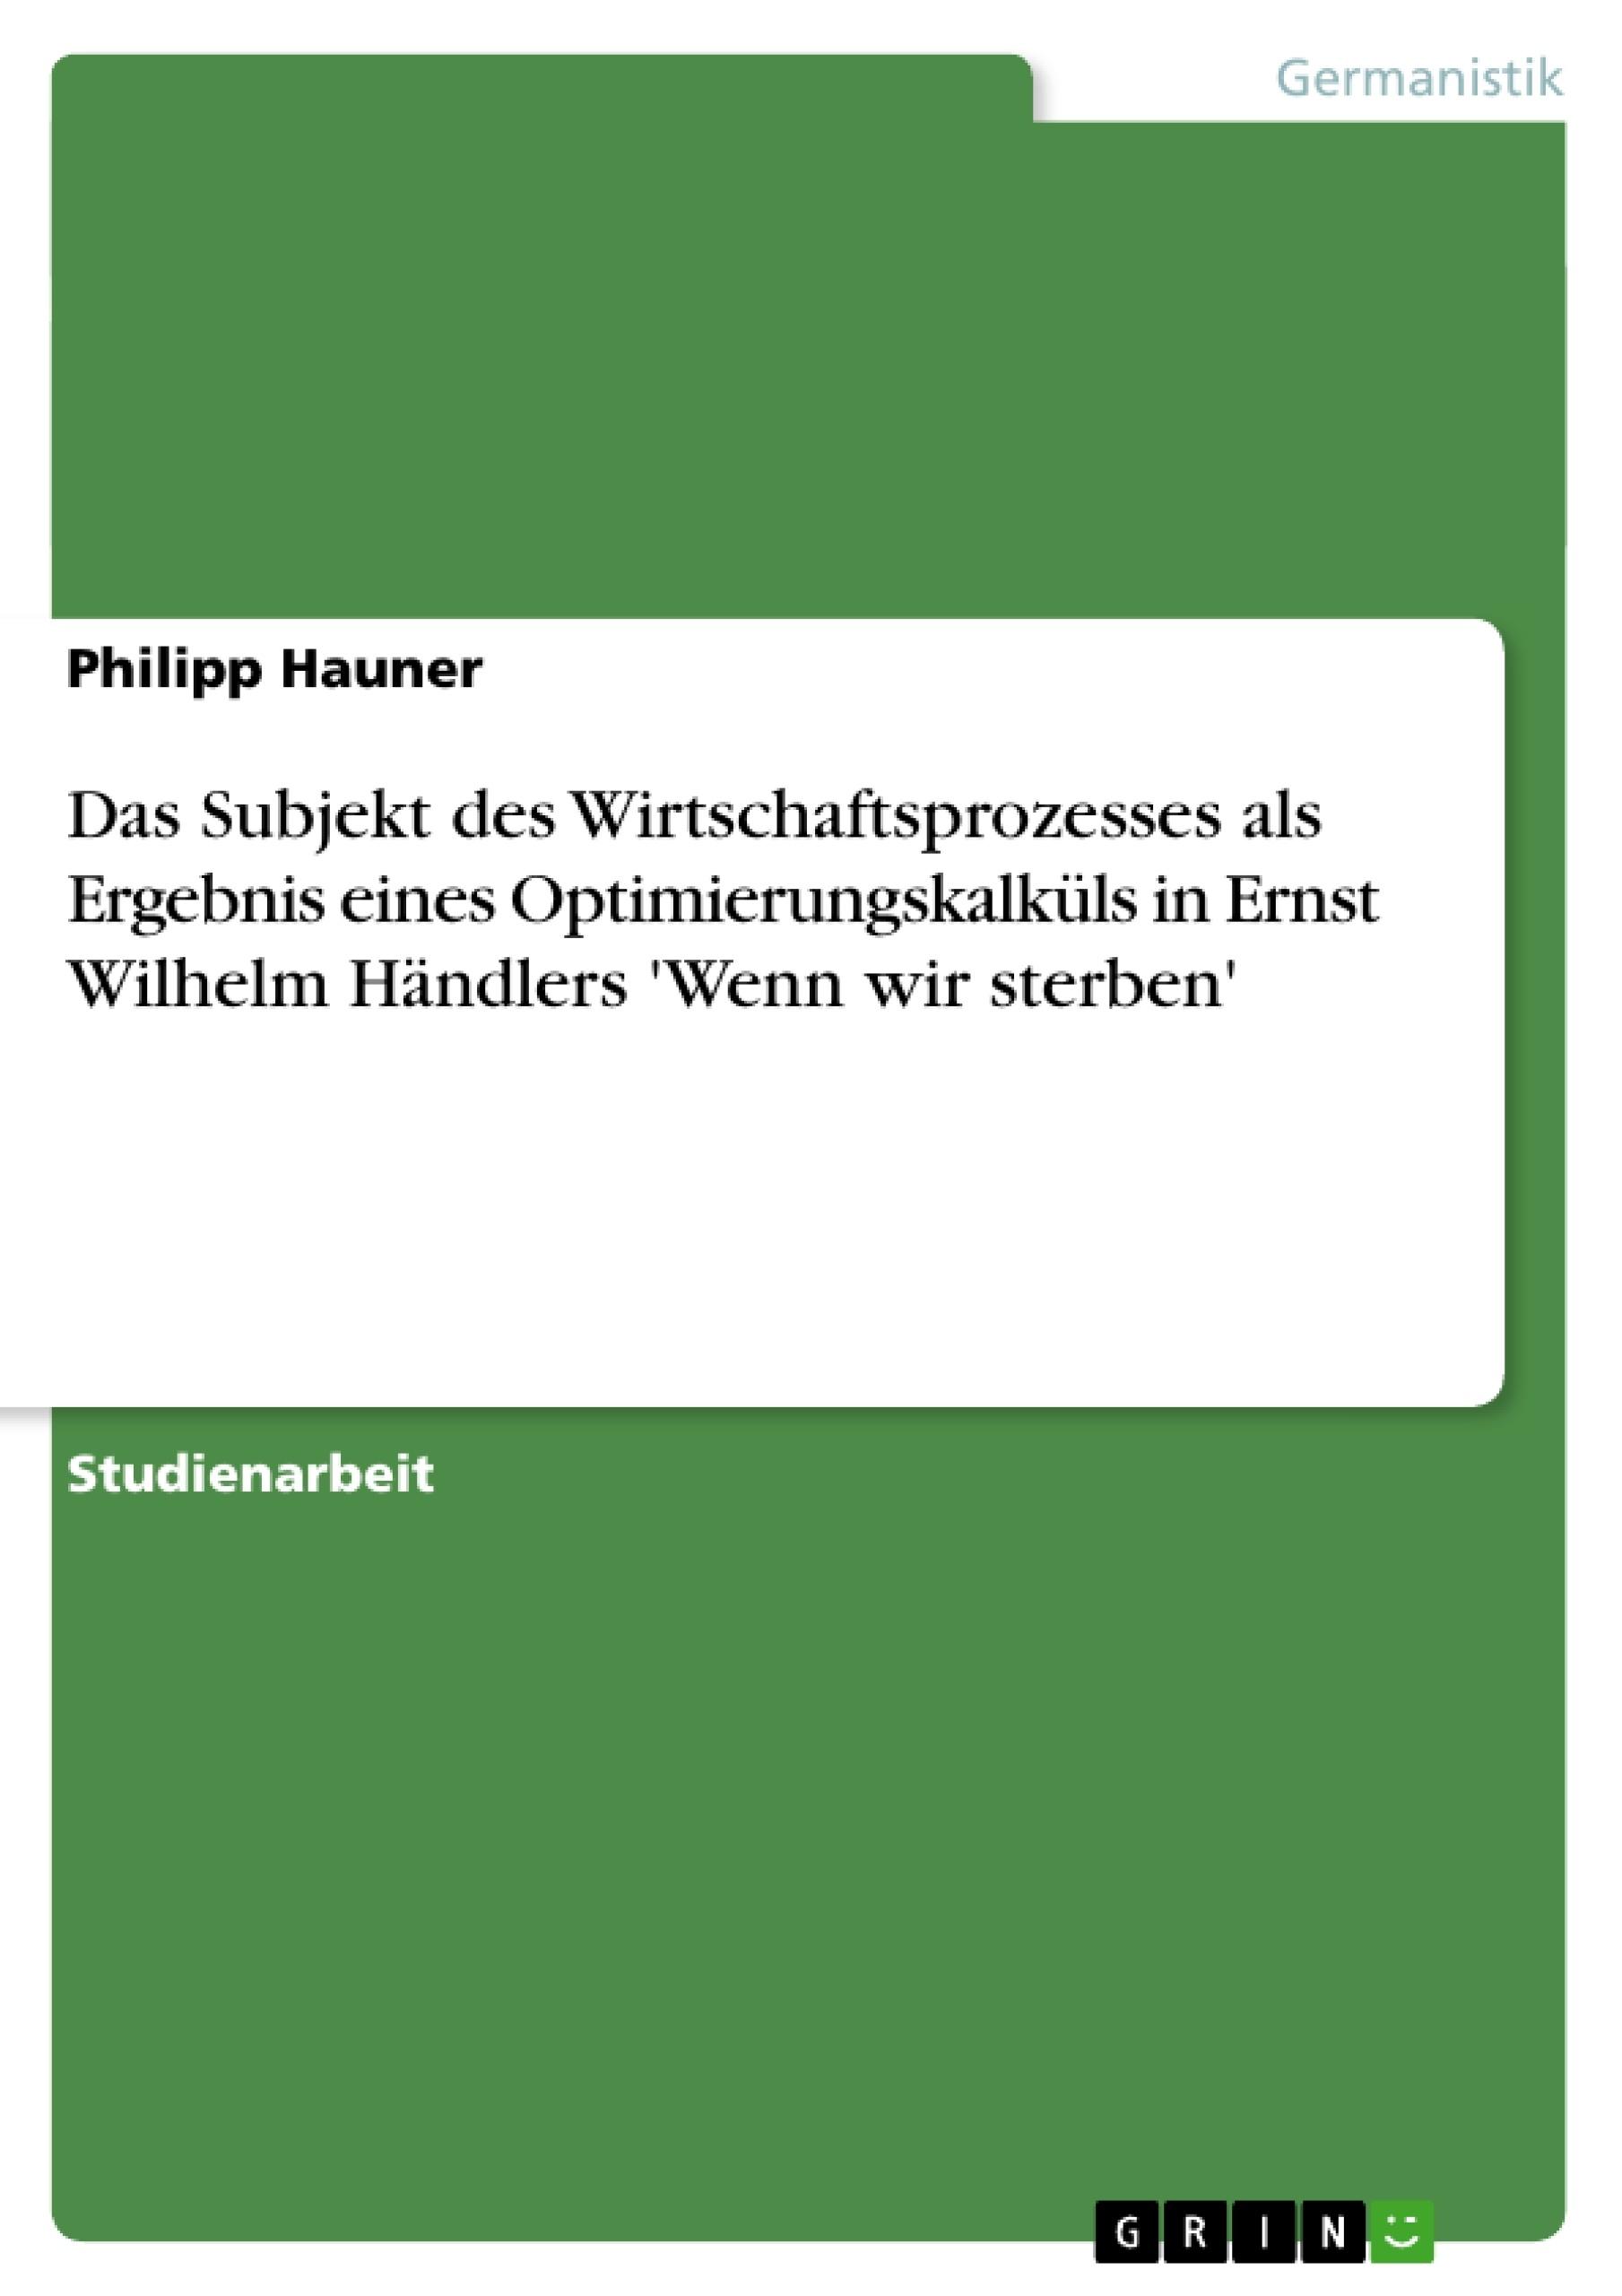 Titel: Das Subjekt des Wirtschaftsprozesses als Ergebnis eines Optimierungskalküls in Ernst Wilhelm Händlers 'Wenn wir sterben'